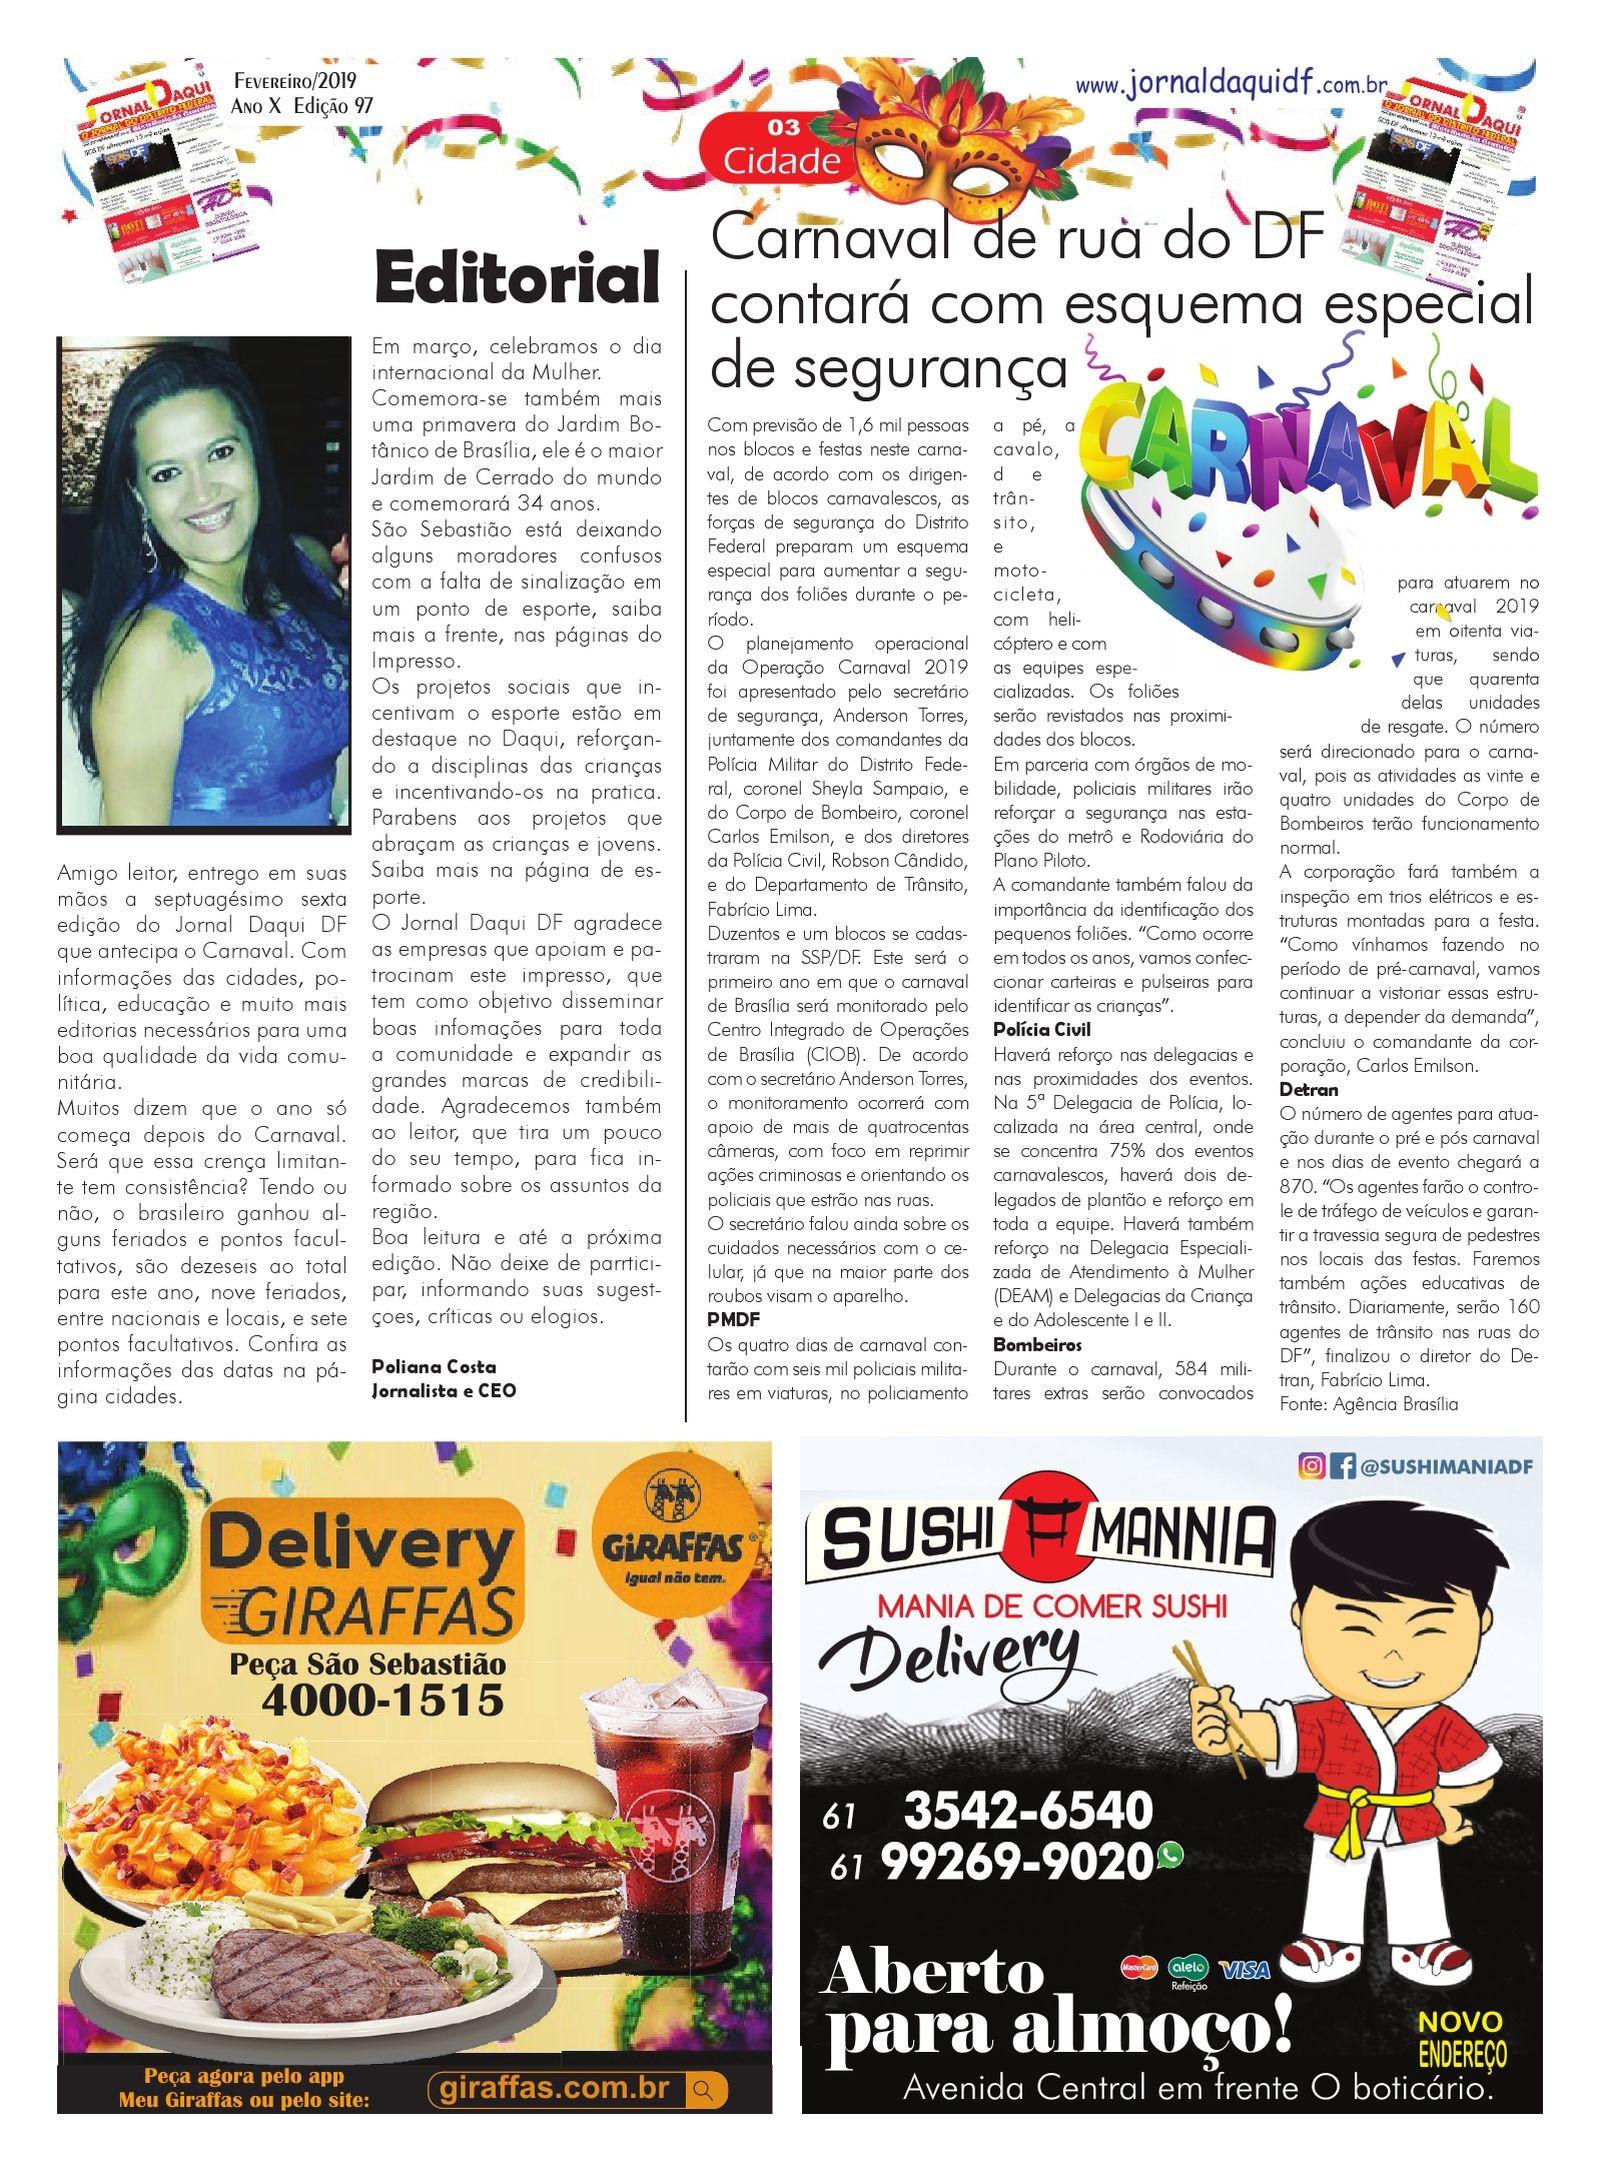 Calendario 2019 Com Feriados Brasileiro Actual Jornal Daqui Df Edi§£o Fevereiro De 2019